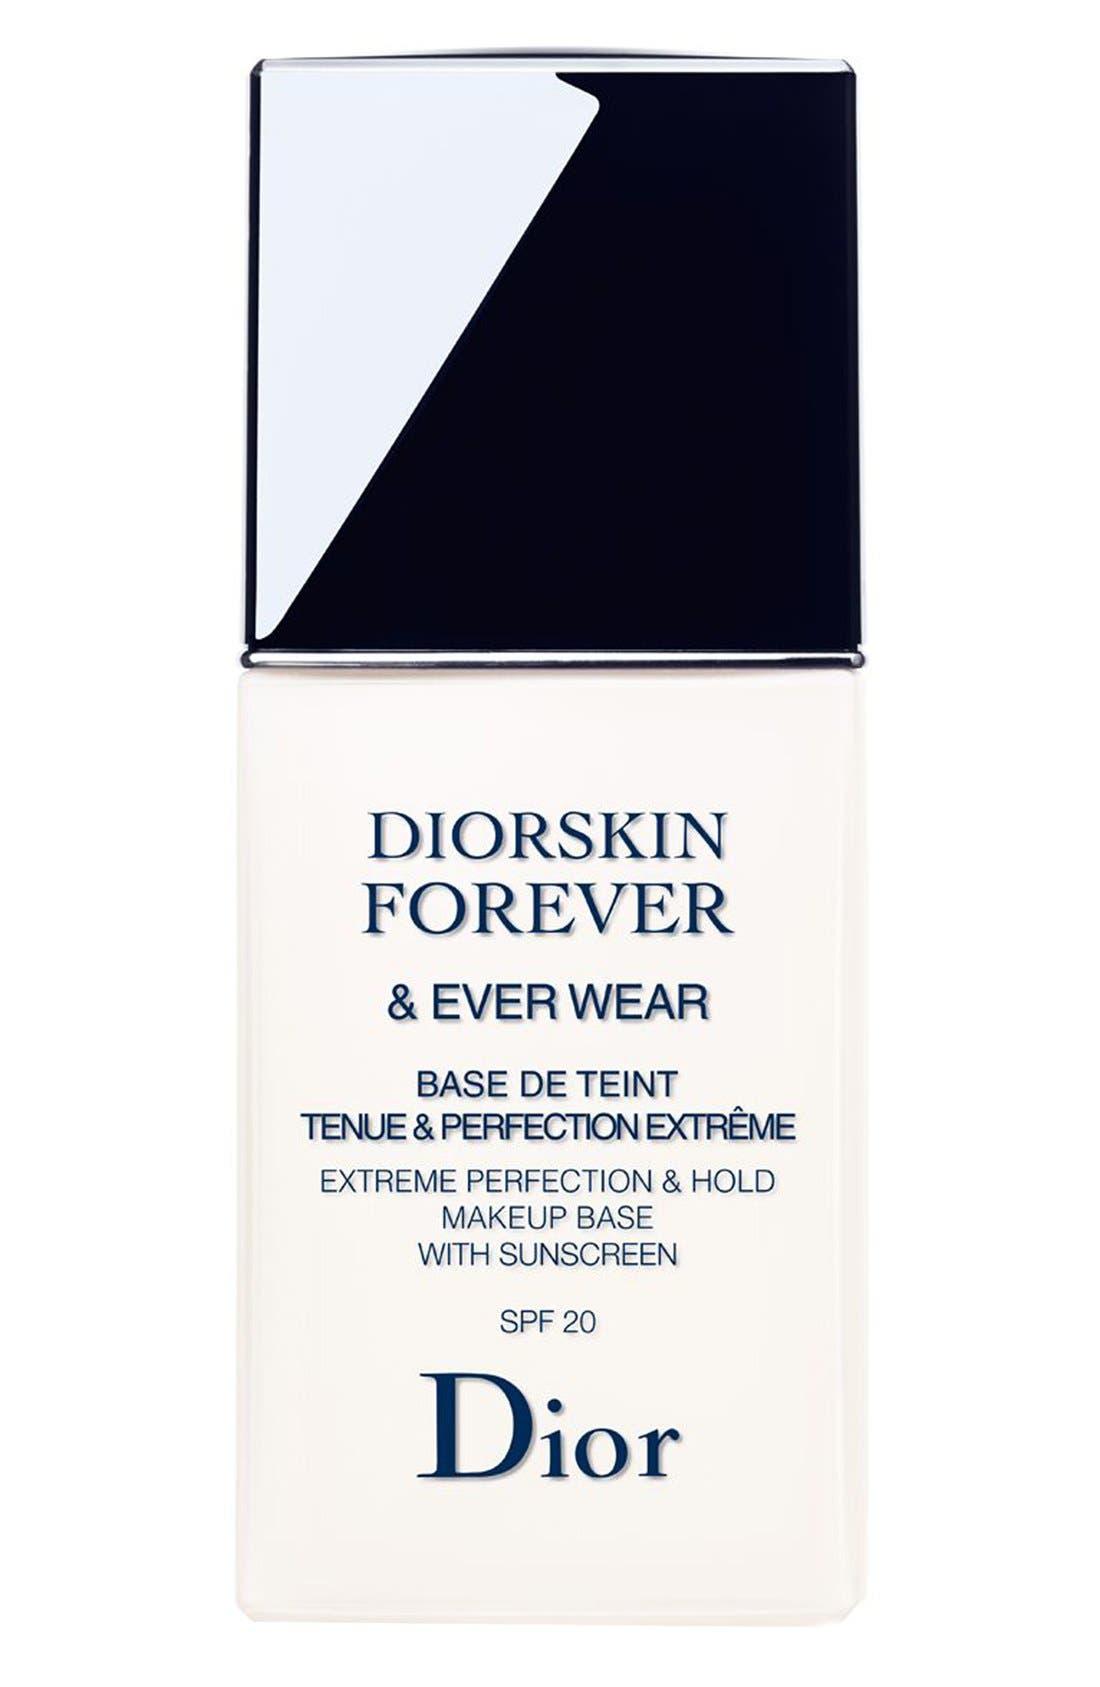 Diorskin Forever & Ever Wear Makeup Primer SPF 20,                         Main,                         color, NO COLOR